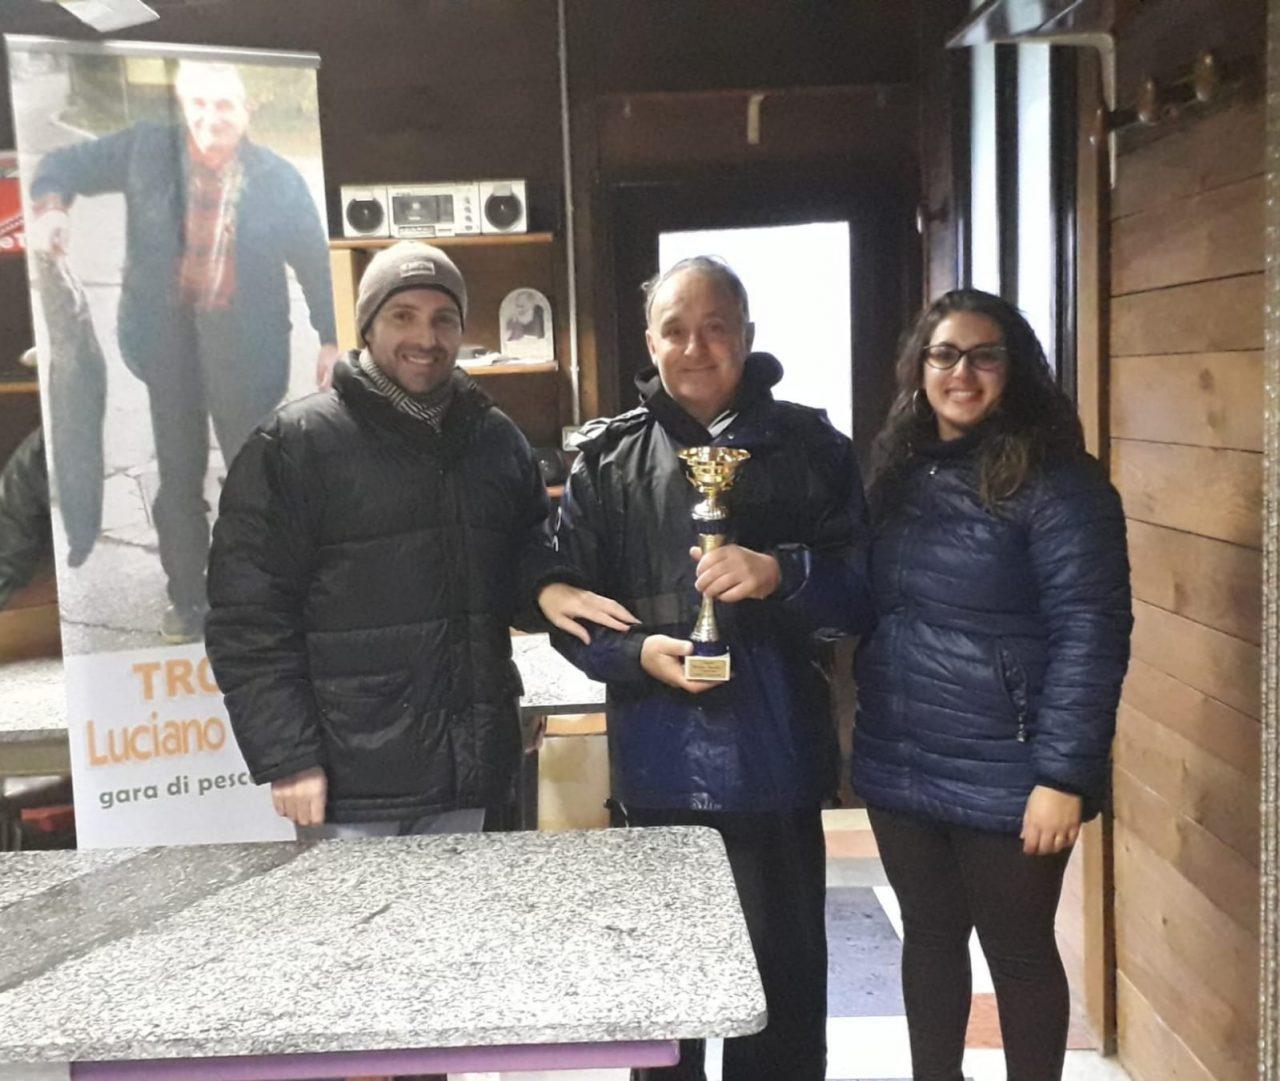 Trofeo Luciano Gandini